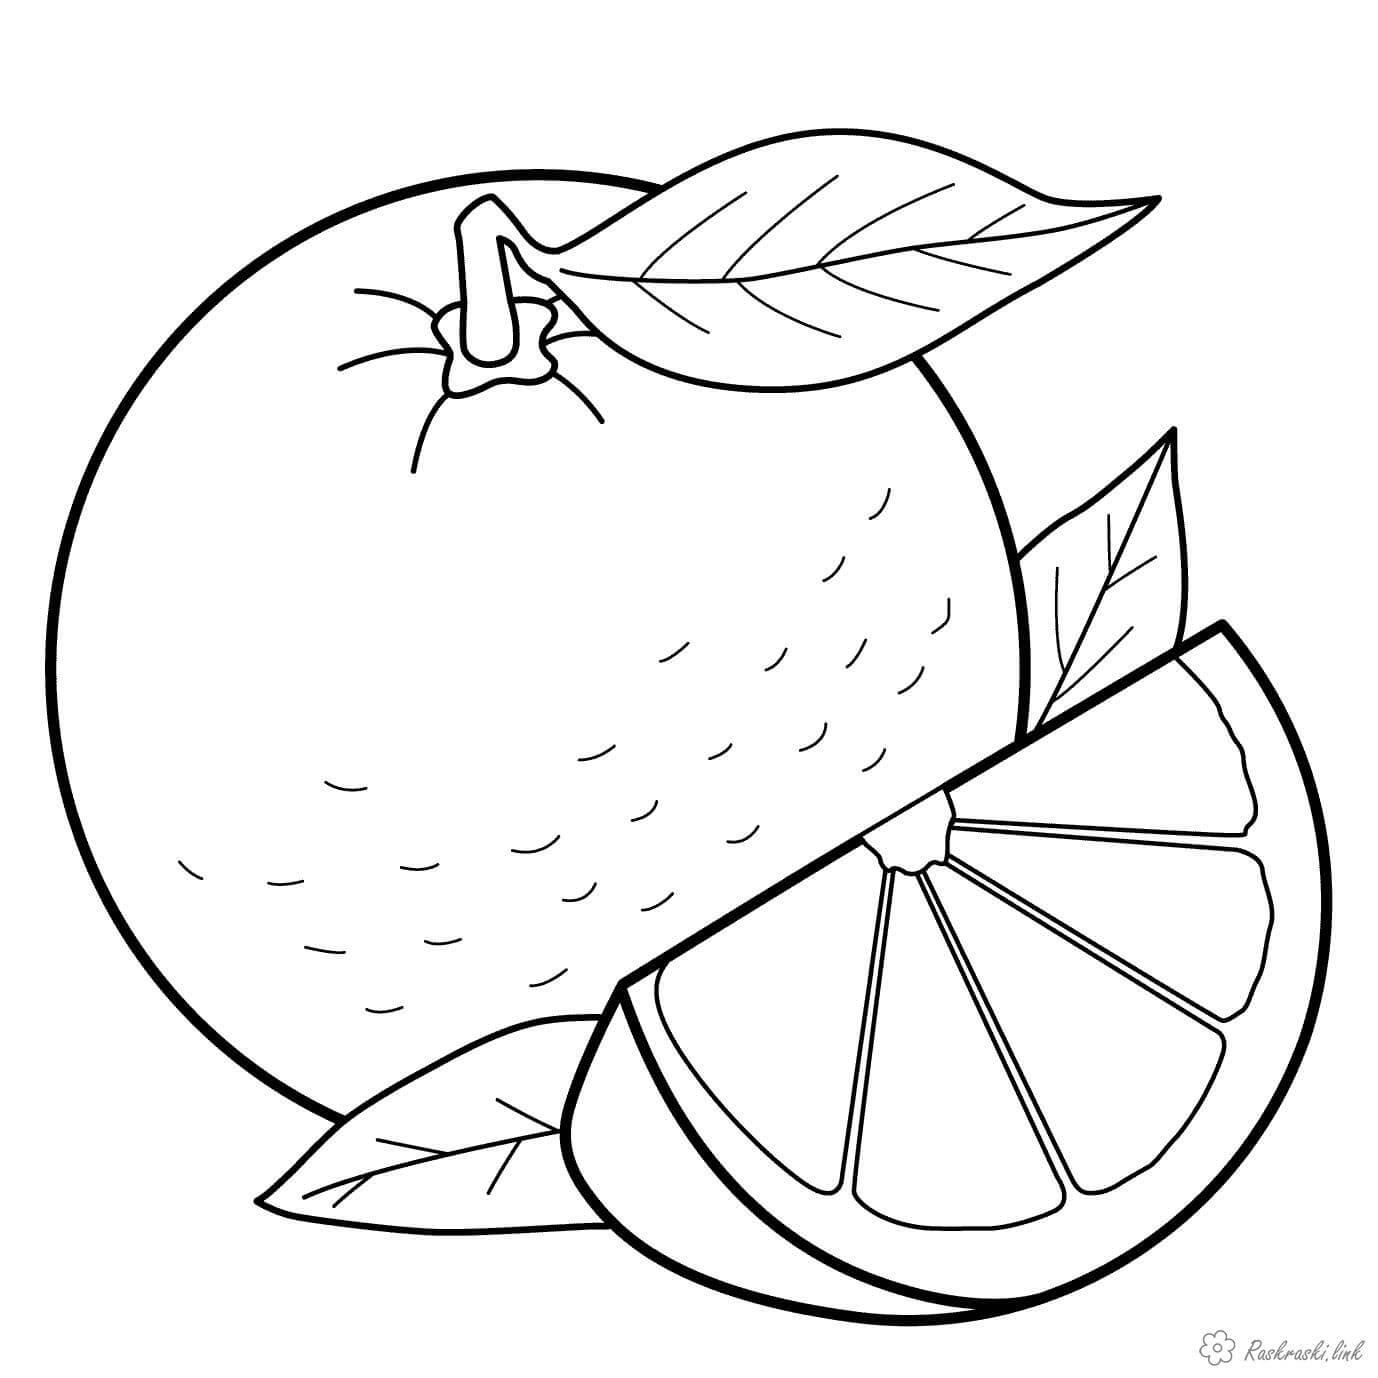 Красивые картинки для раскраски фрукты и овощи - подборка